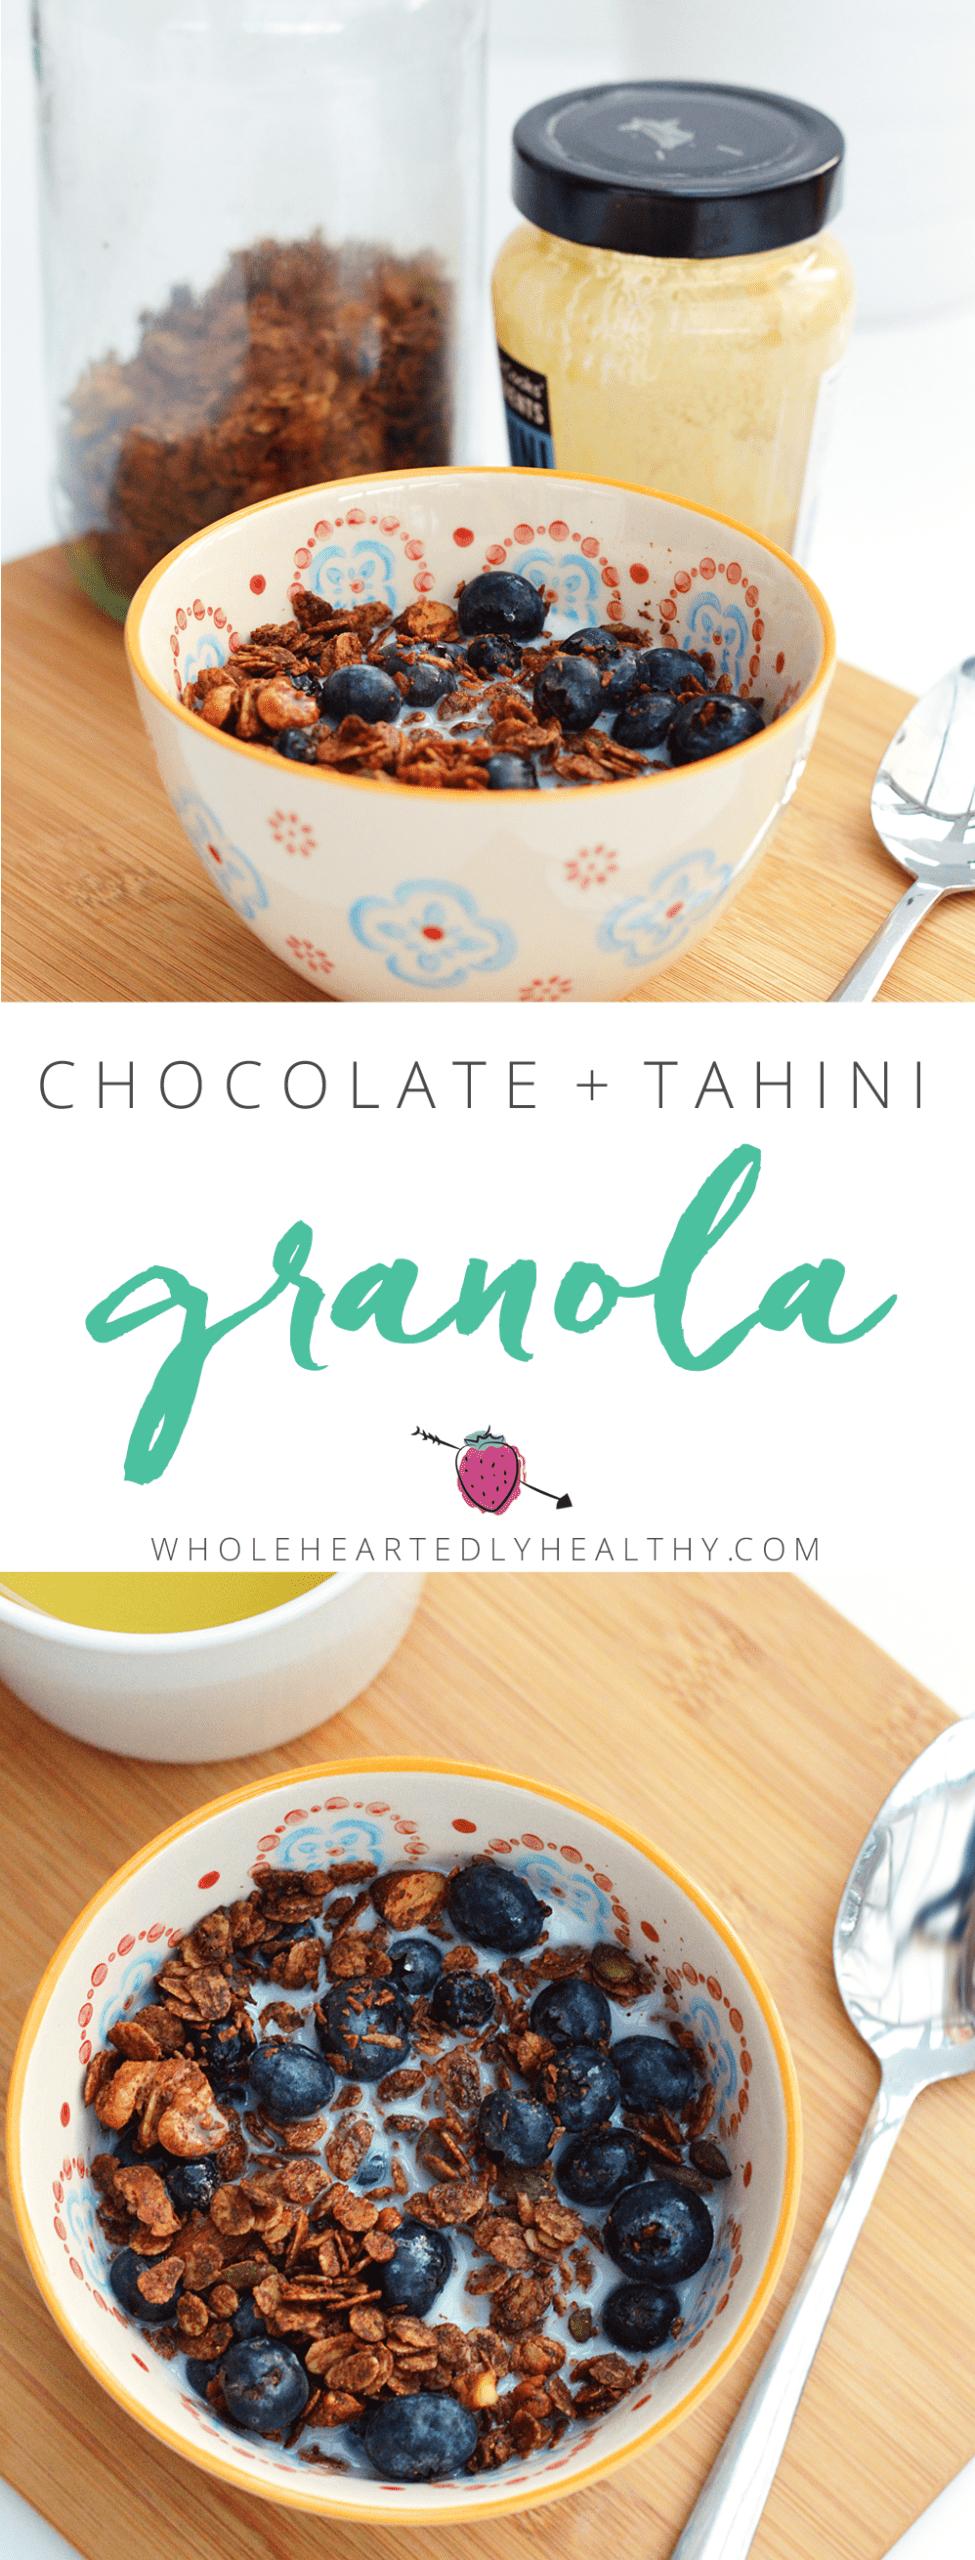 Chocolate and tahini granola